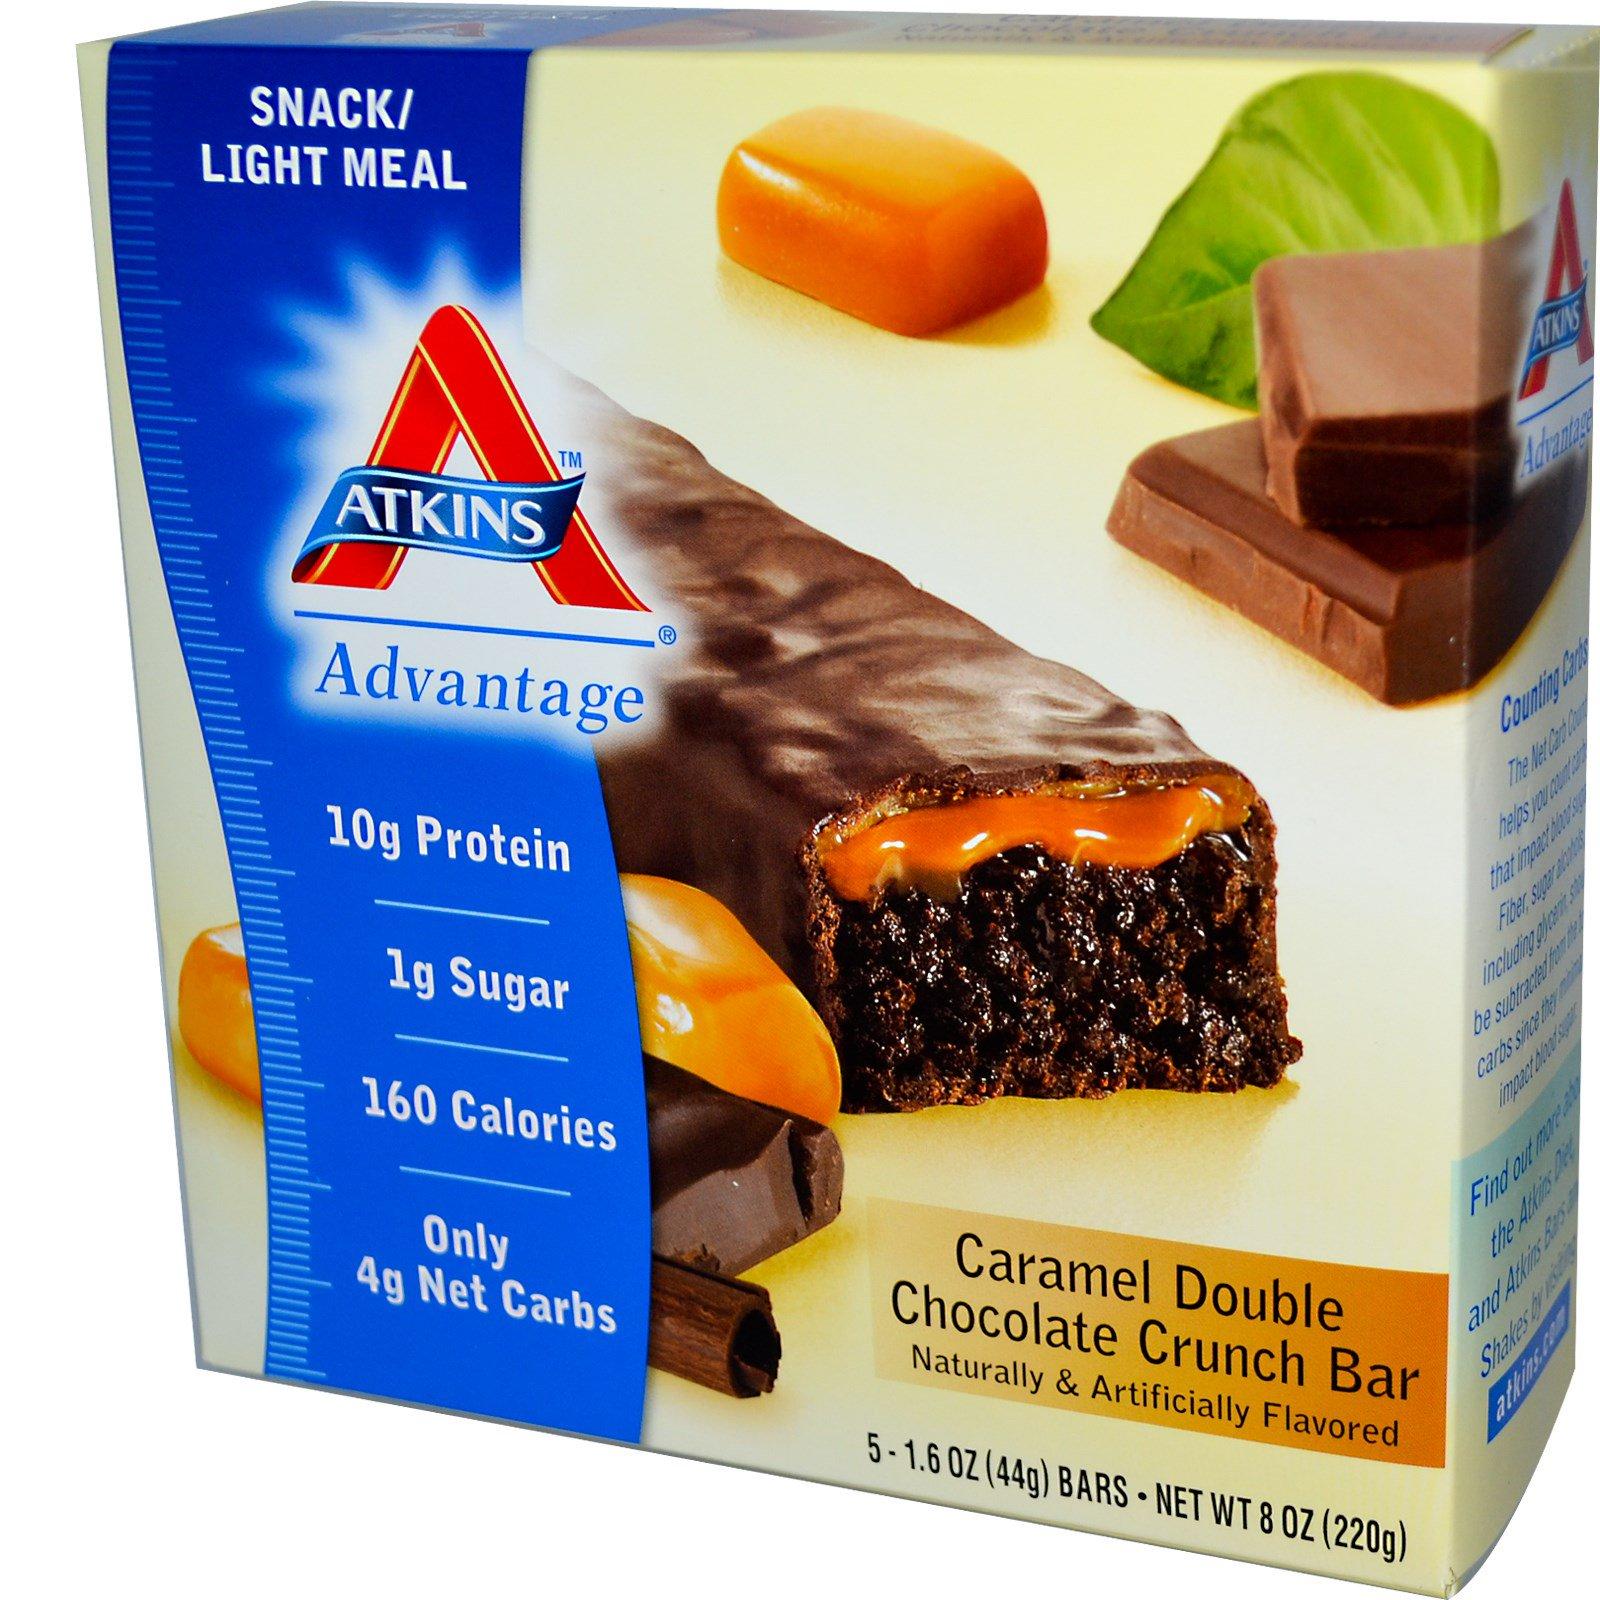 Atkins, Advantage, хрустящий батончик с карамелем и двойным шоколадом, 5 батончиков, 1.6 унции (44 г) каждый